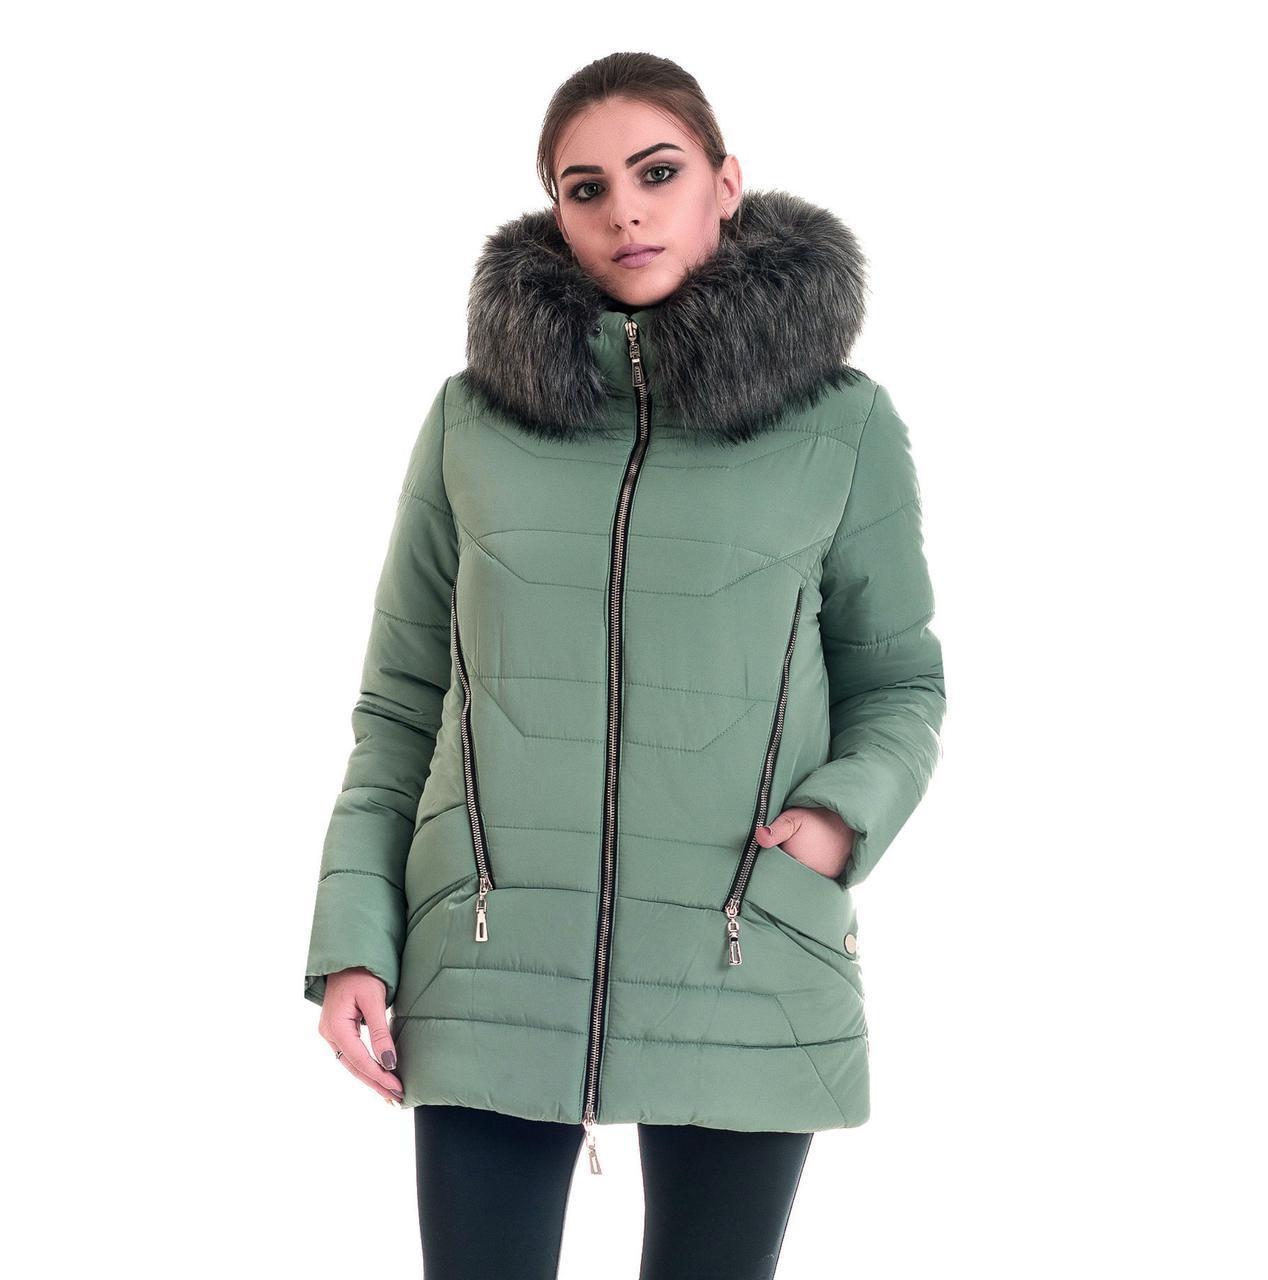 Молодёжная куртка от производителя 41